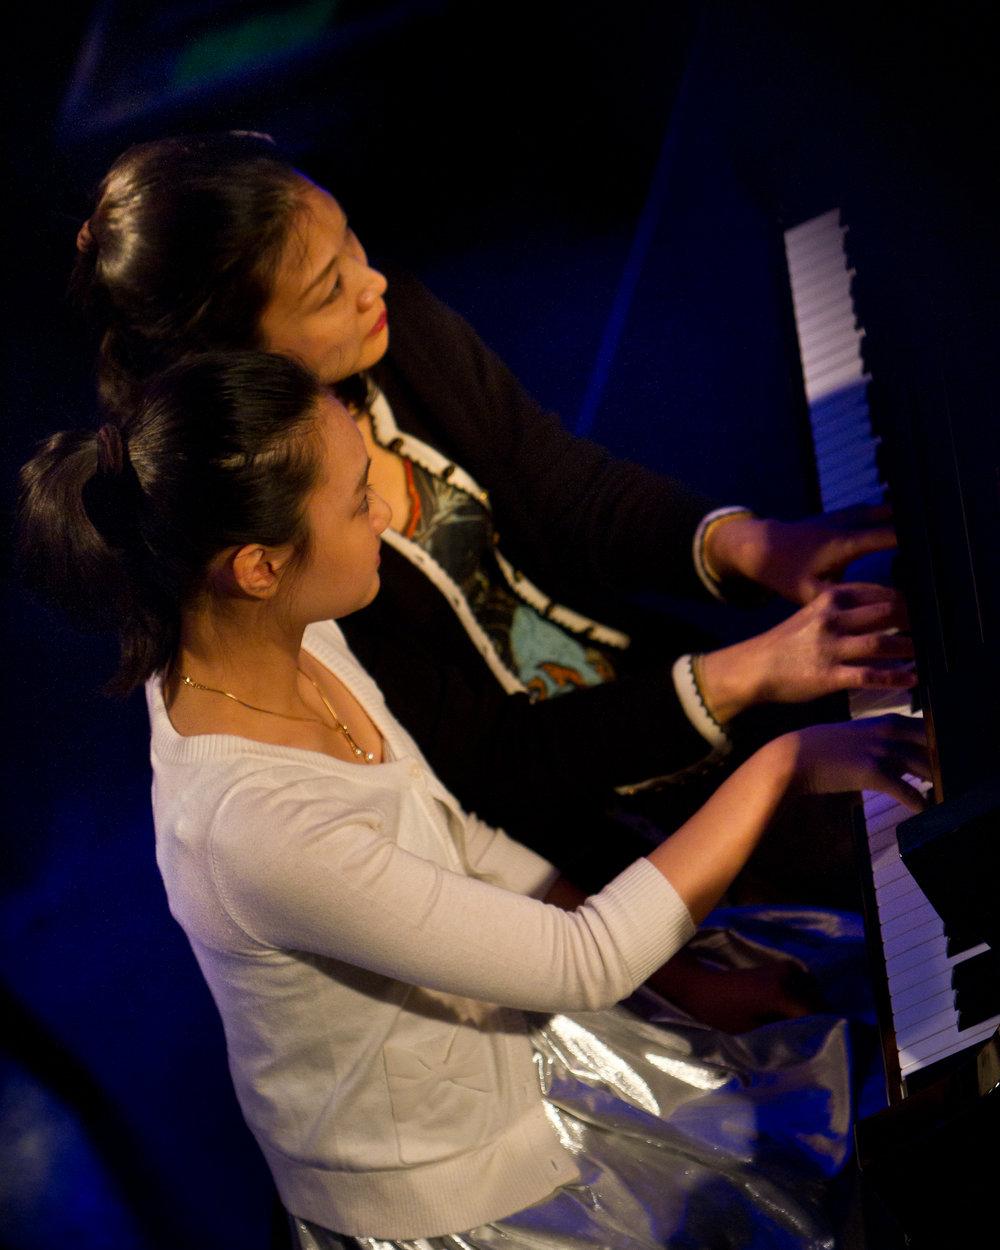 Mari Kodama & Karin Kei Nagano